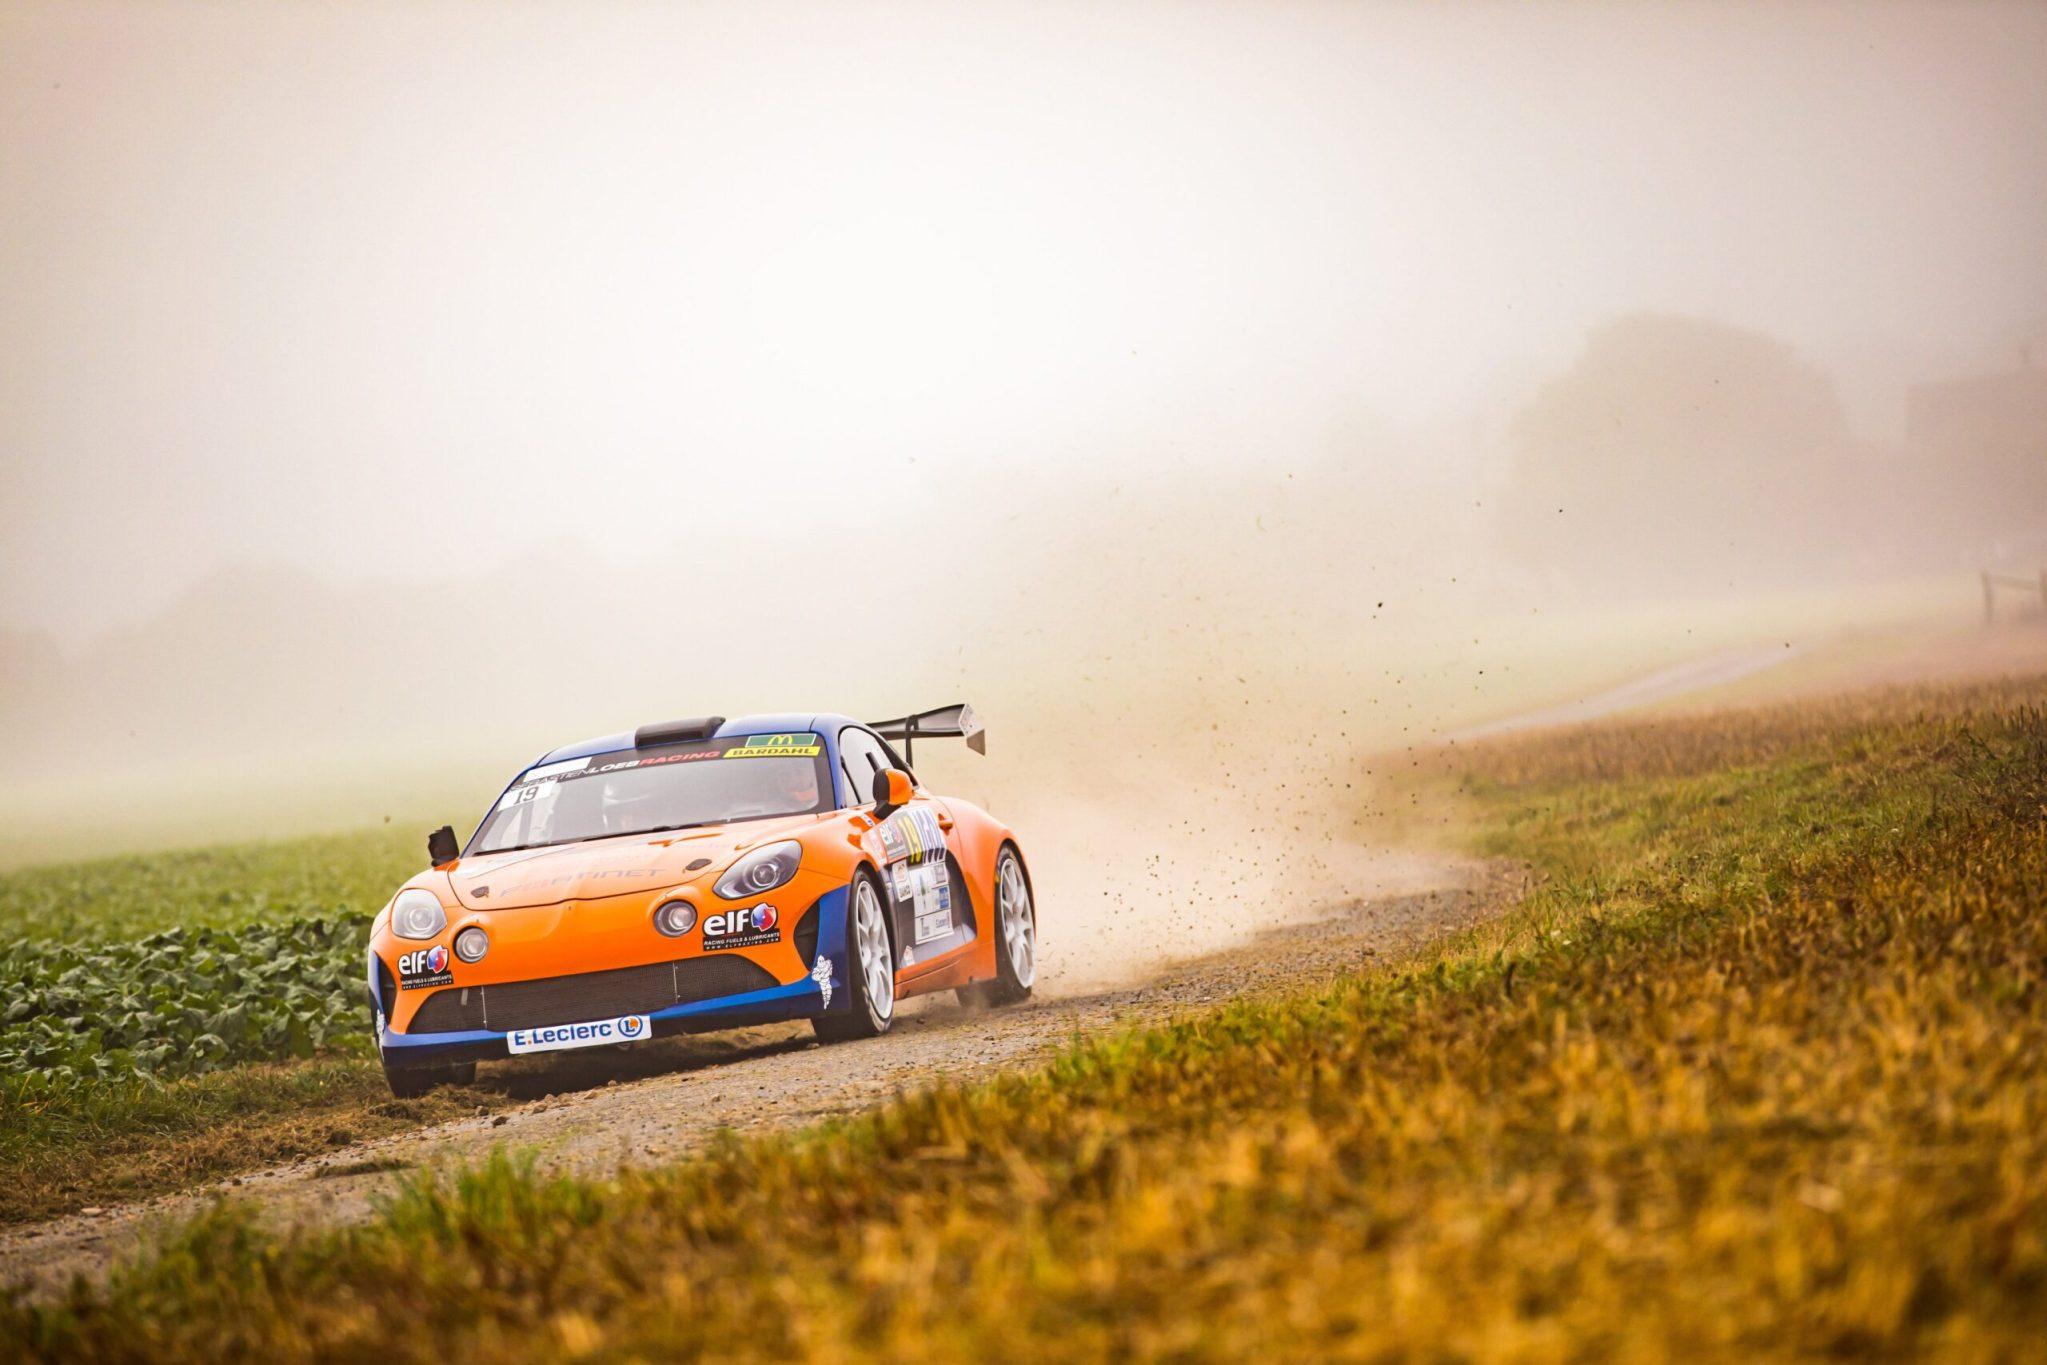 Rallye Cœur de France